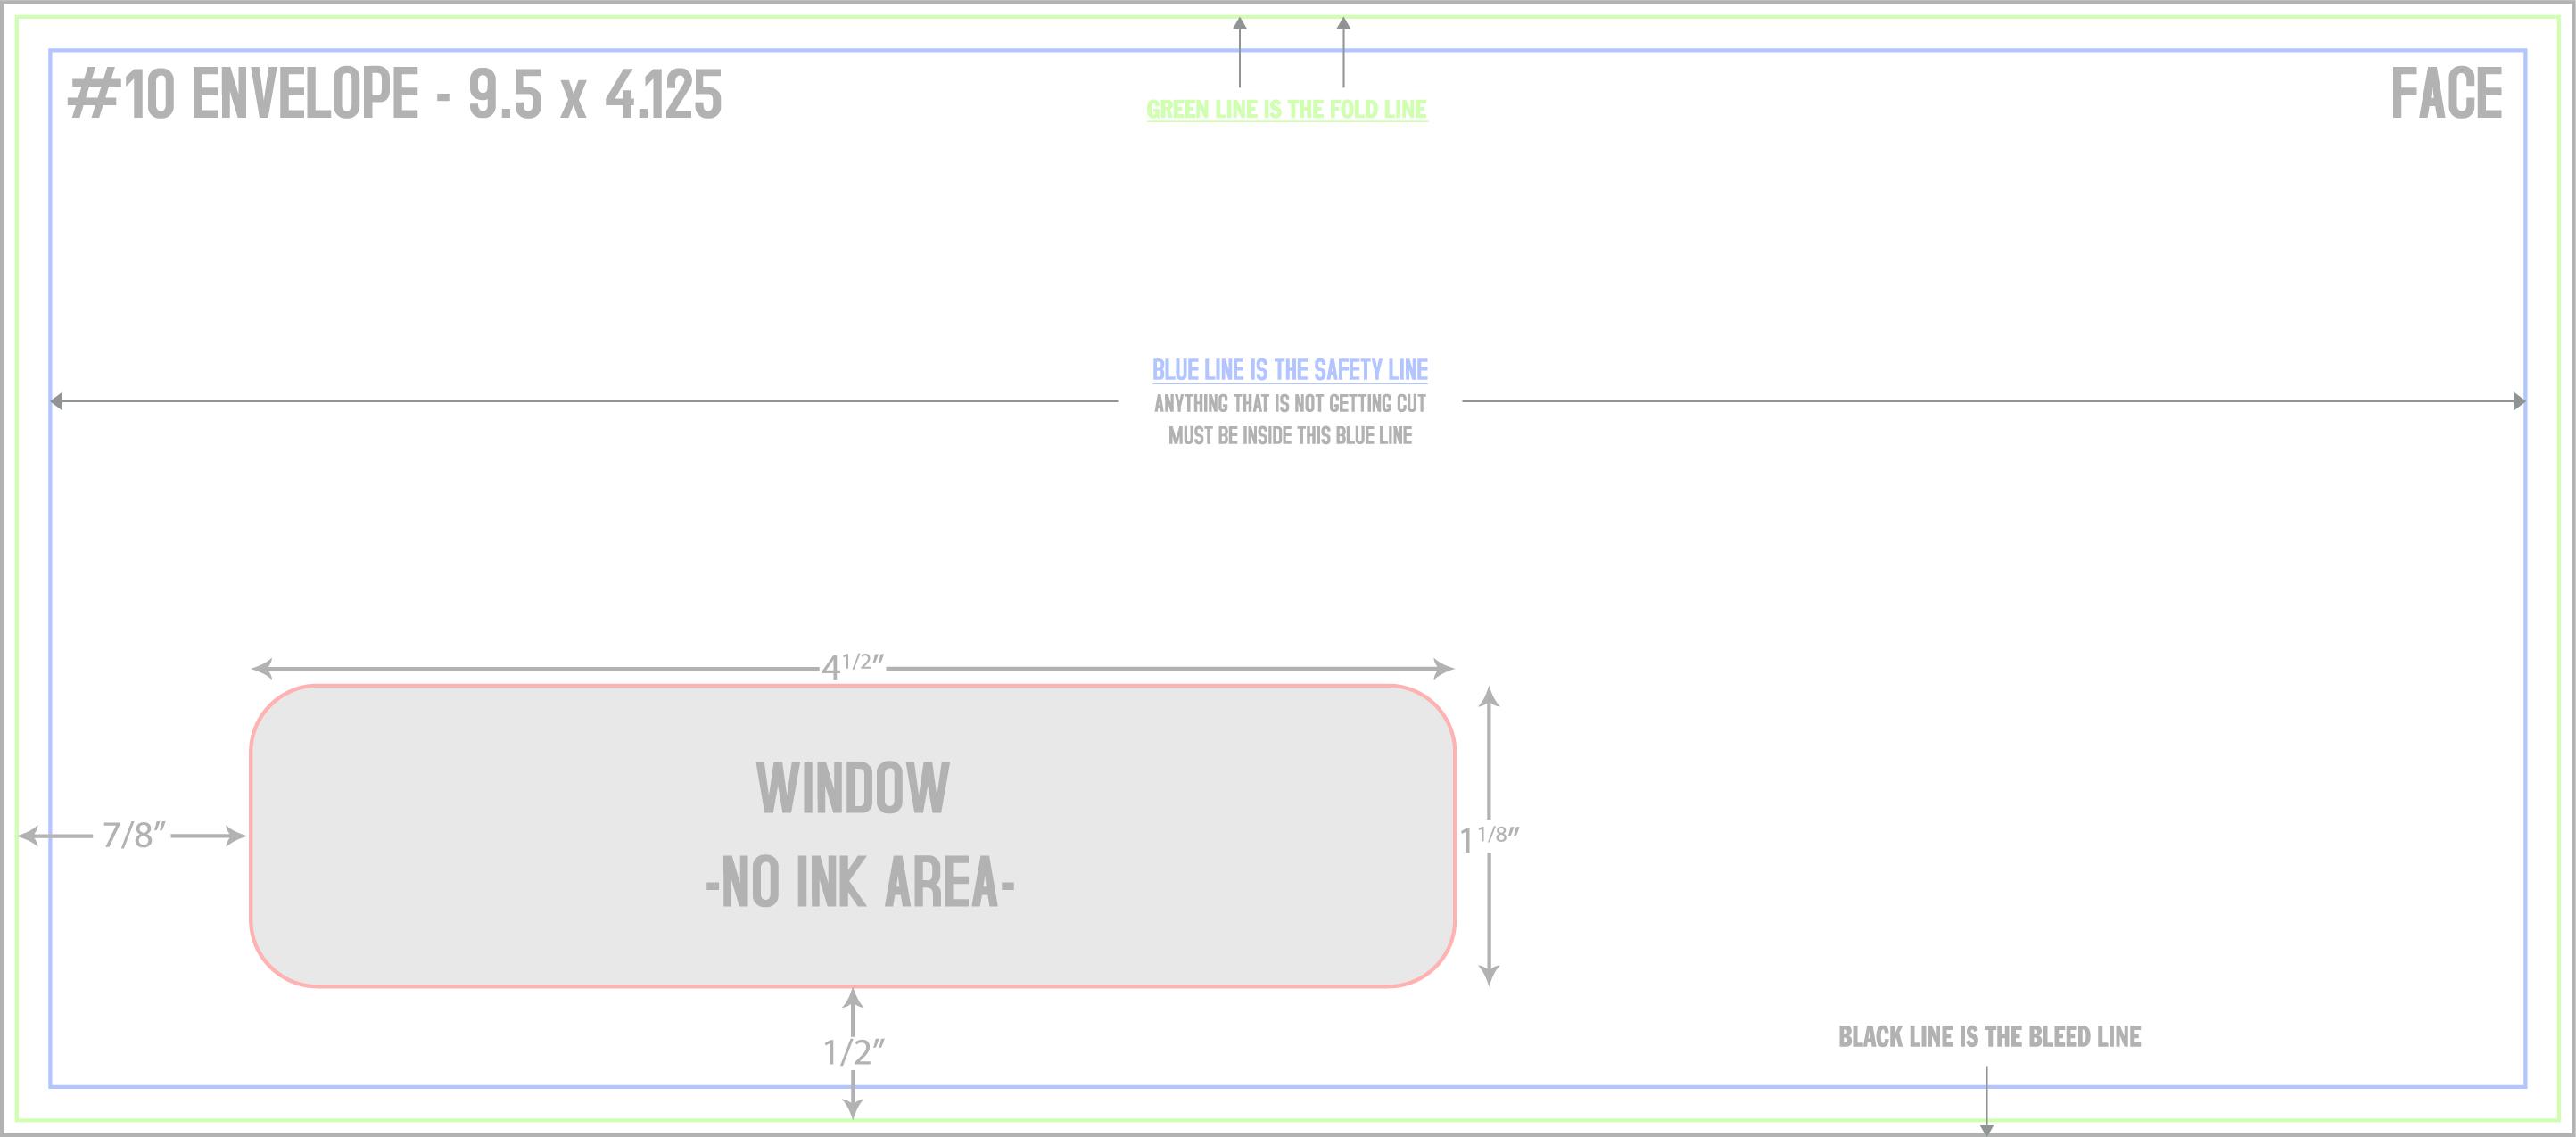 9 Window Envelope Template from www.eastsideprintco.com